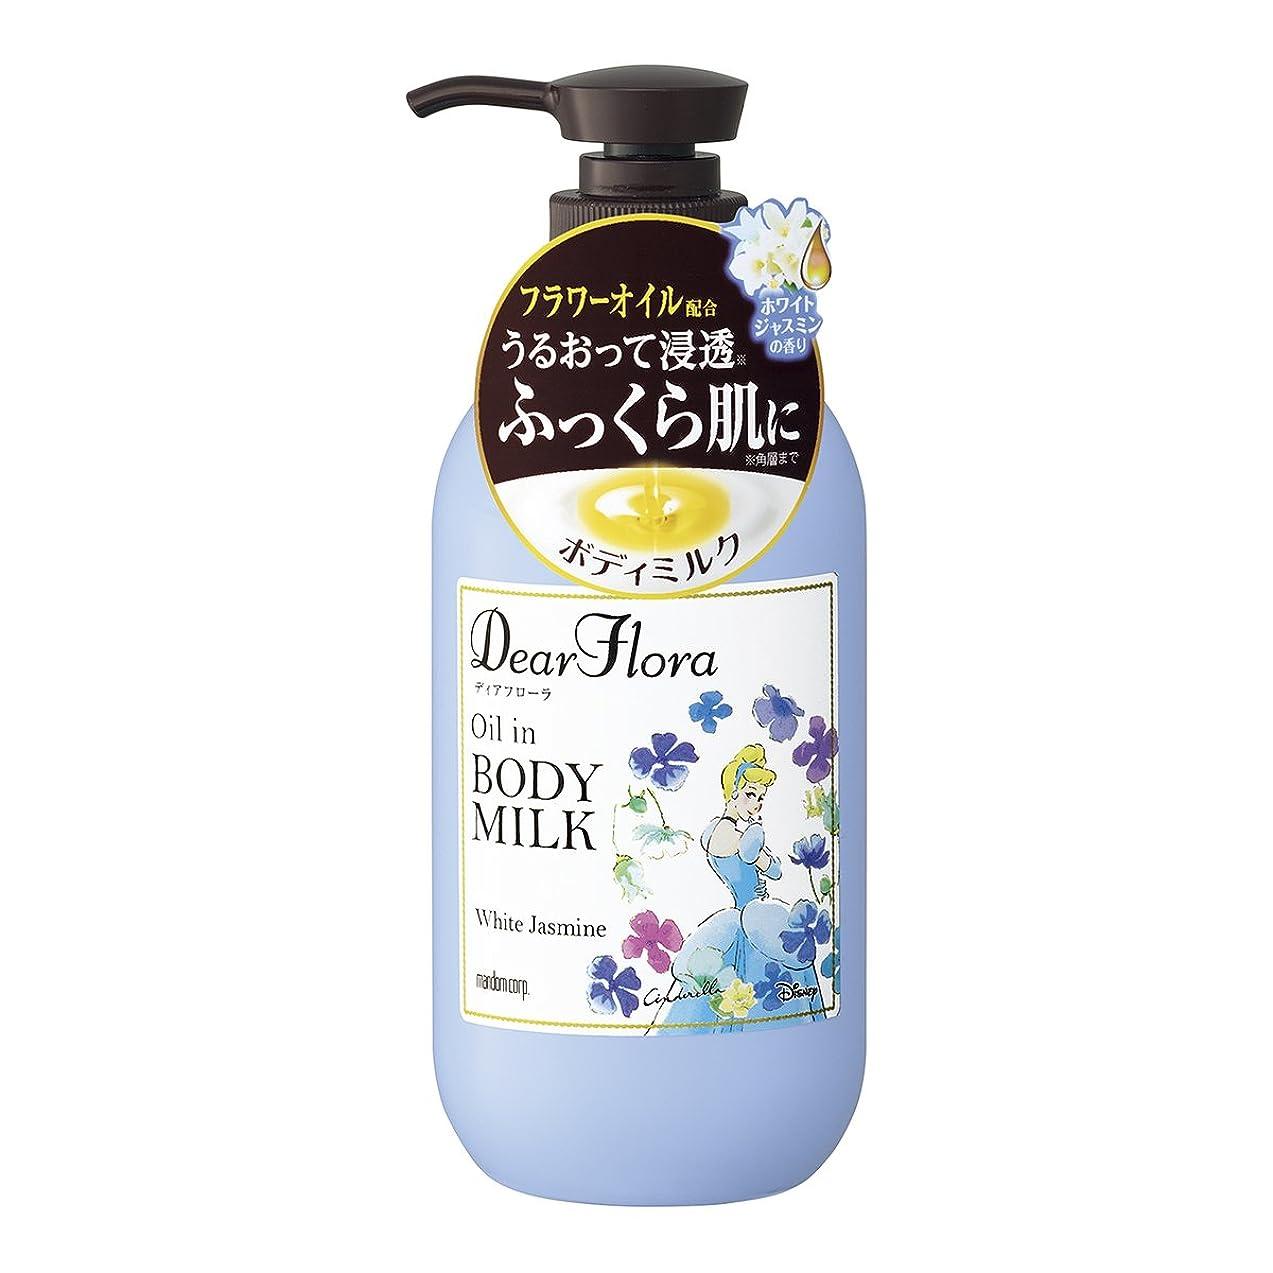 積極的になぞらえるヶ月目マンダム ディアフローラ オイルイン ボディミルク ホワイトジャスミン 240ml